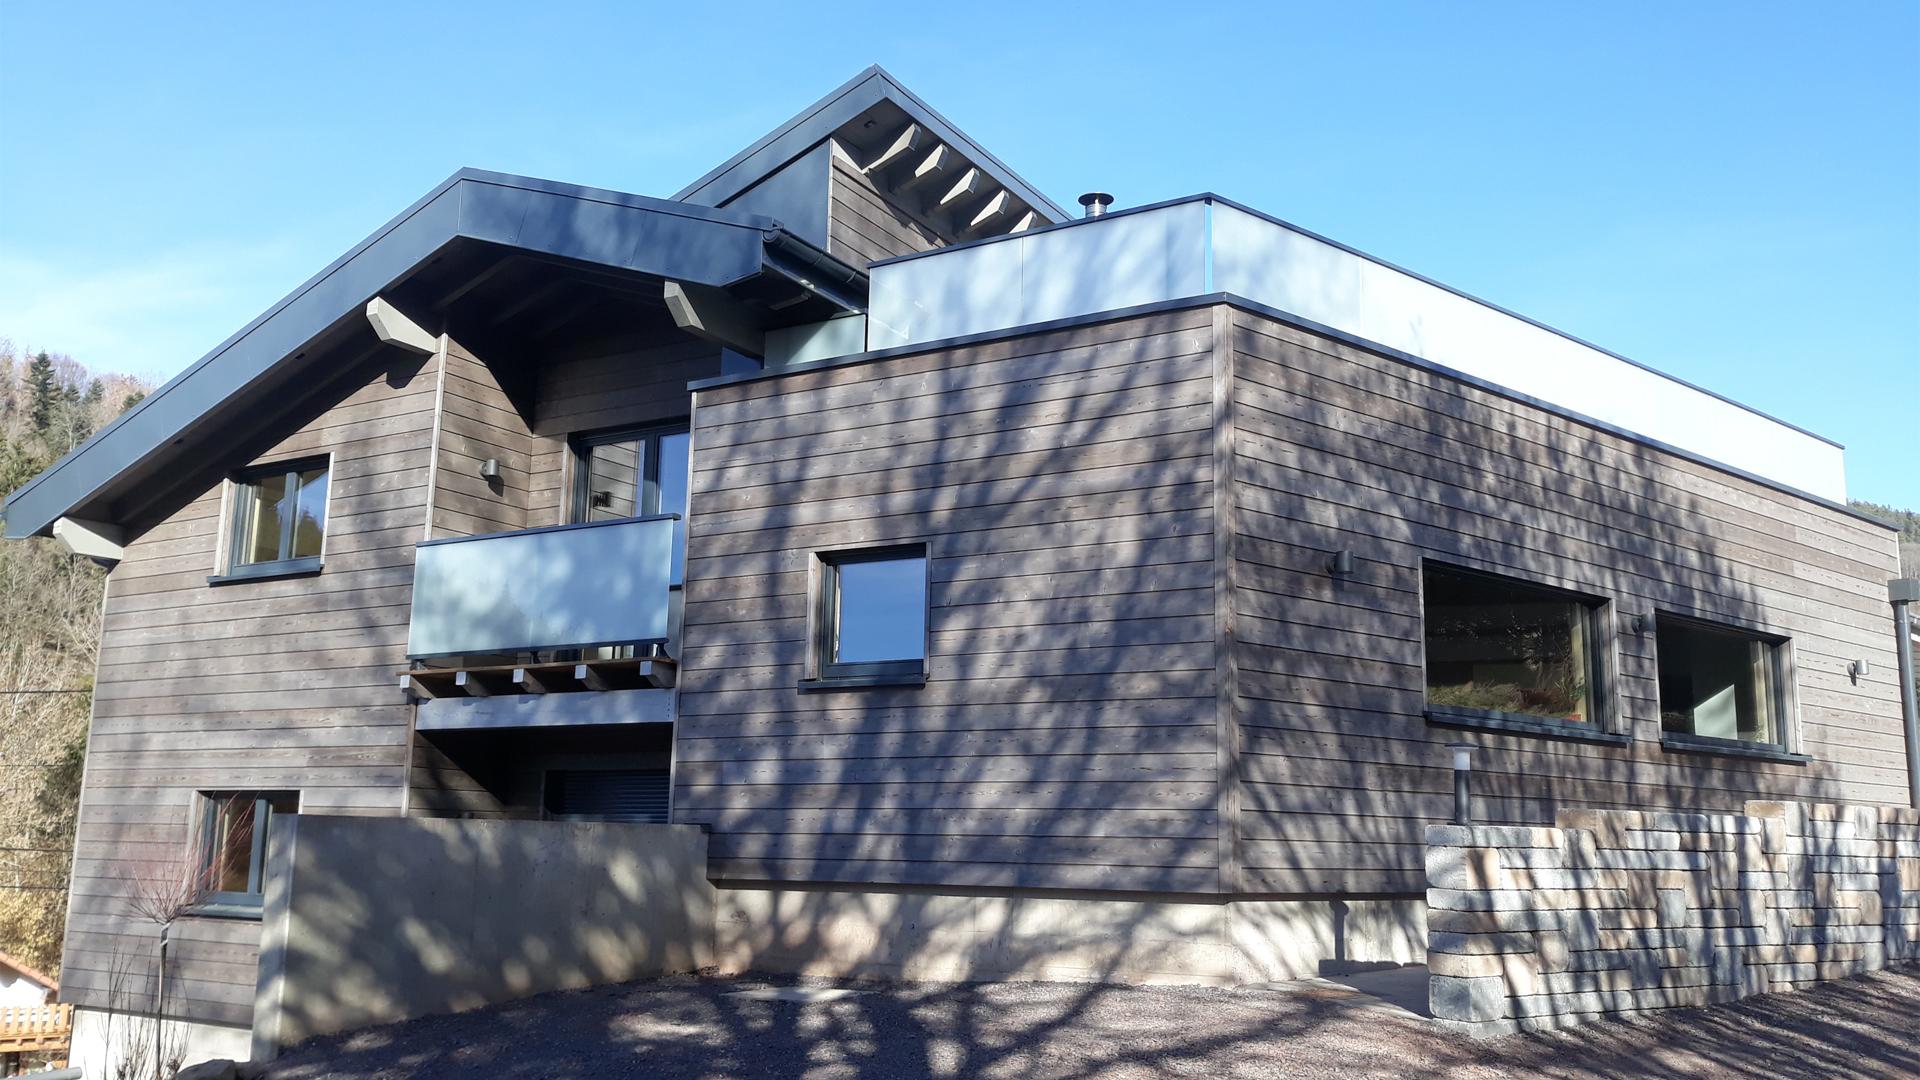 maison ossature bois - Vosges St Die 2 - 01